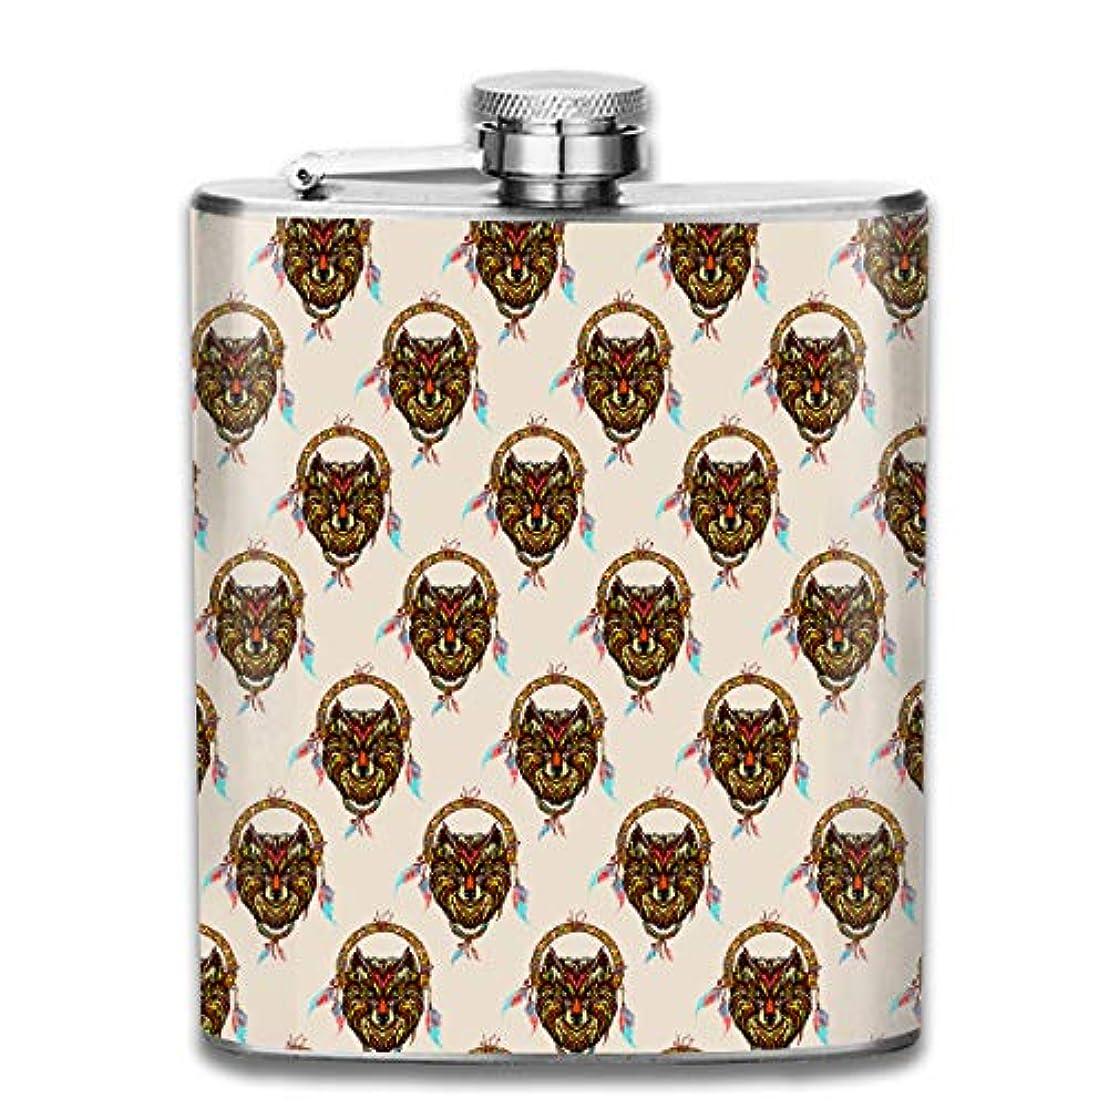 彼はリースお誕生日狼の面 フラスコ スキットル ヒップフラスコ 7オンス 206ml 高品質ステンレス製 ウイスキー アルコール 清酒 携帯 ボトル